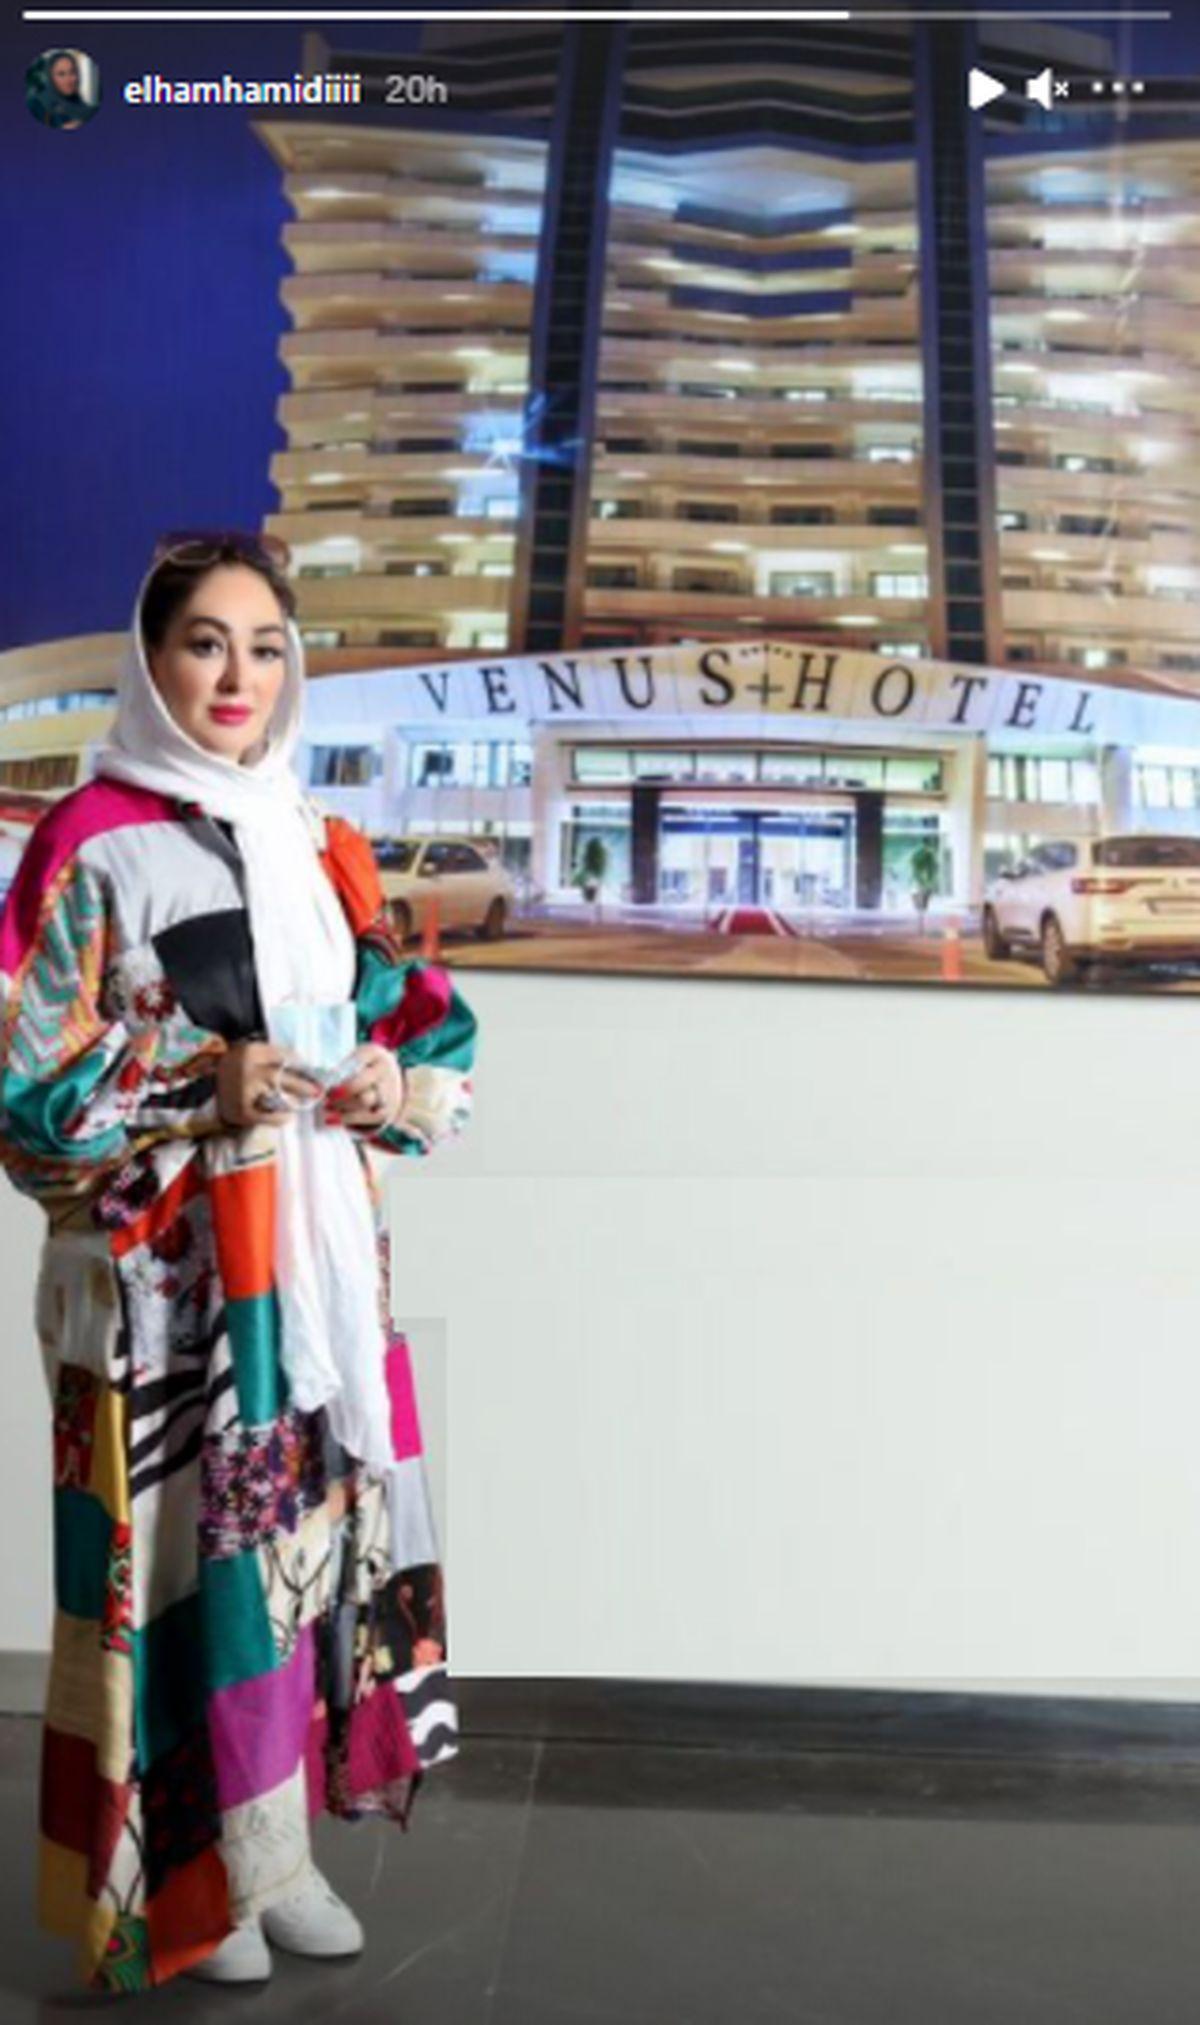 تیپ لاکچری الهام حمیدی در هتلی گران قیمت ! + عکس